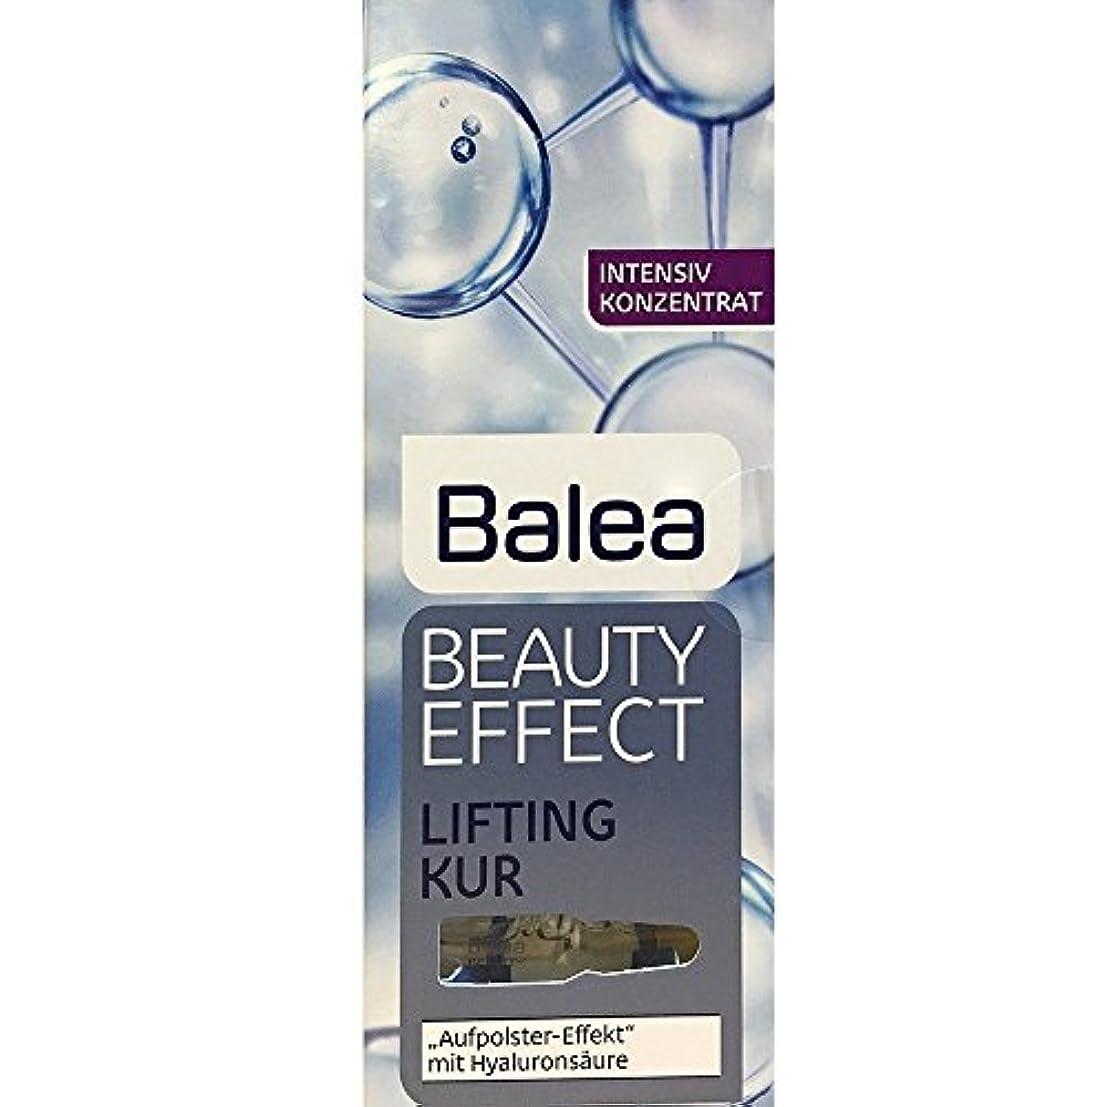 膨らませるトリッキーランドリーBalea Beauty Effect Lifting Kur 7x1ml by Balea